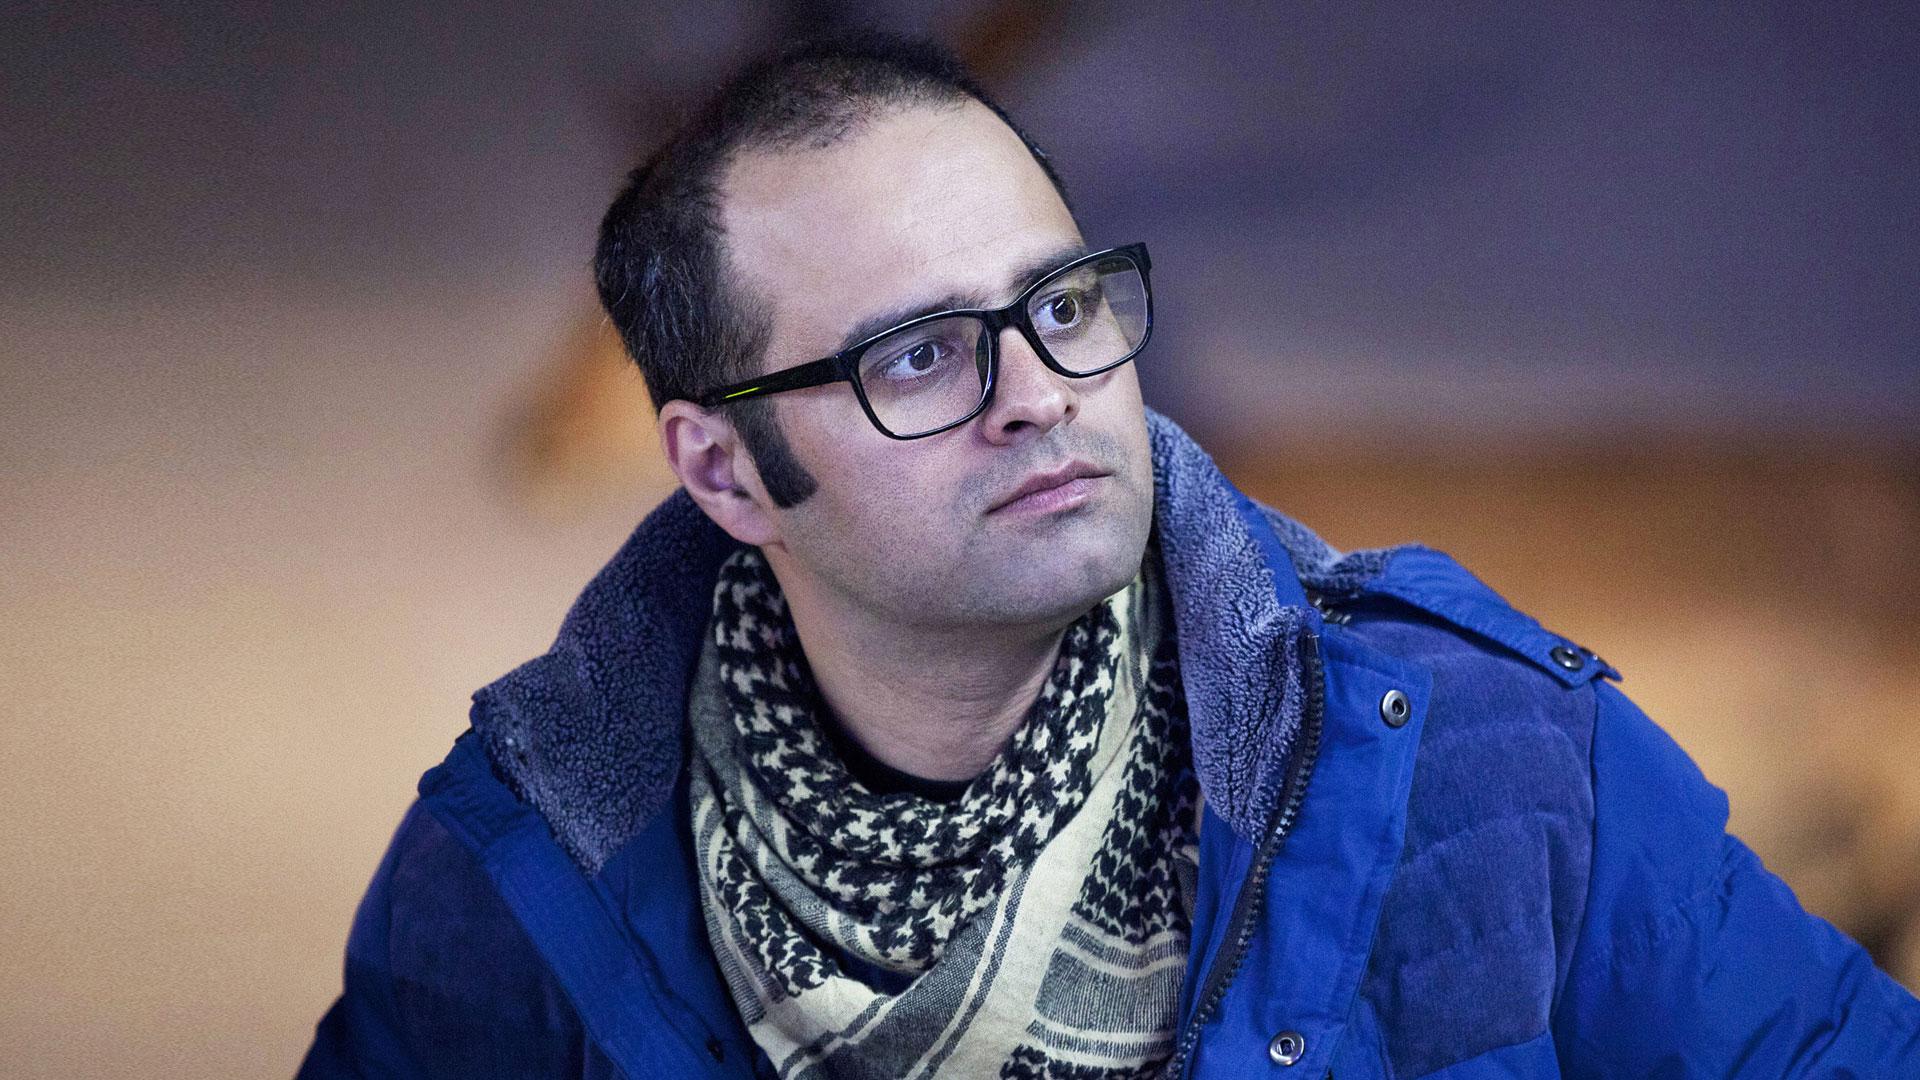 گفتوگو با کاظم ملایی، کارگردان «گورکن» / دنبال جذب مخاطب به شیوه خودم بودم